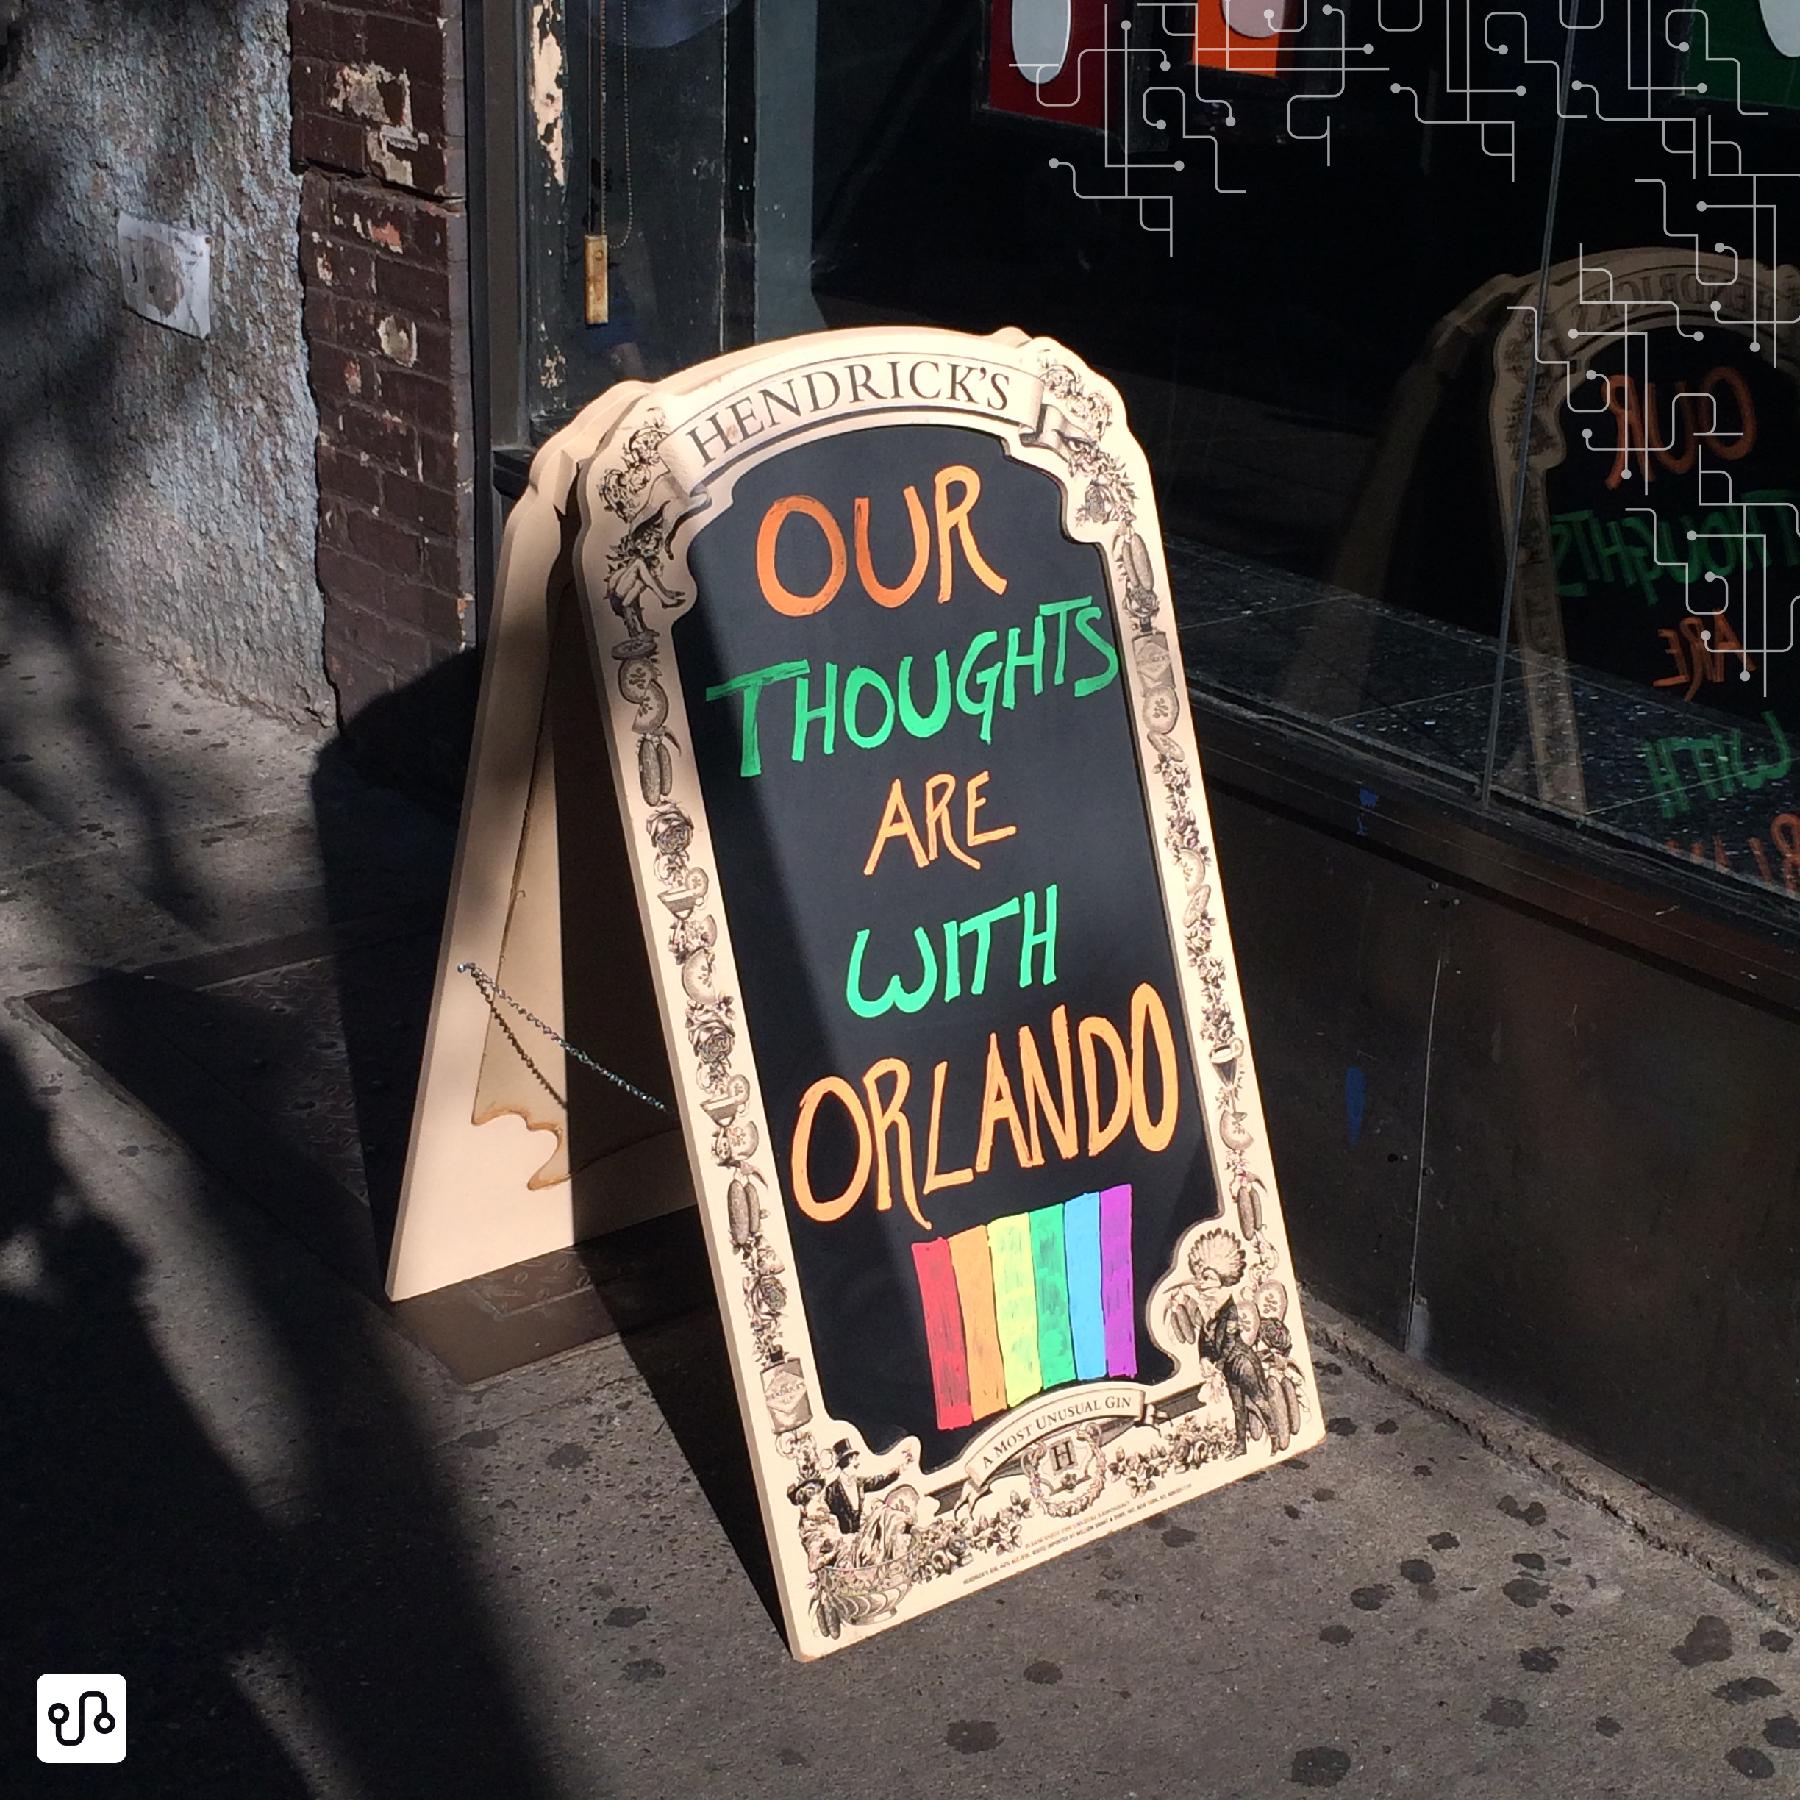 Nossos pensamentos estão com Orlando